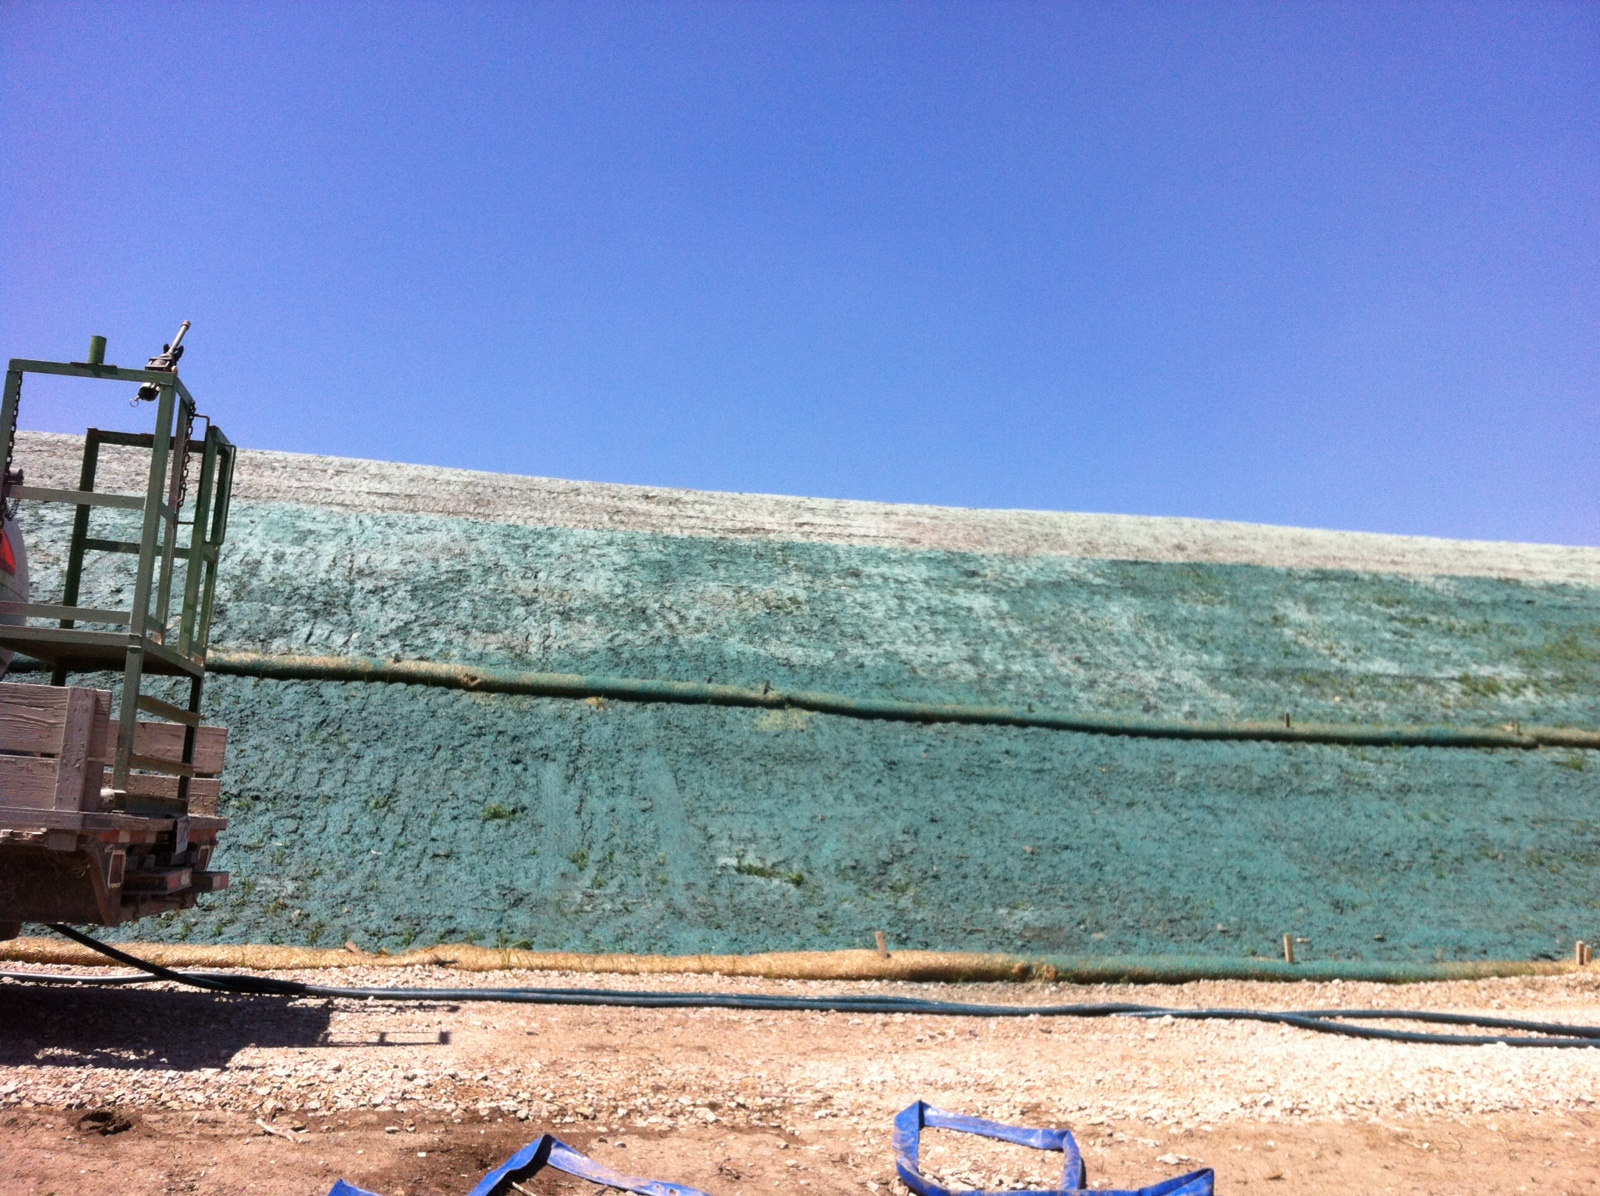 Landscaping Stones Joplin Mo : R d lawn care landscaping joplin mo hydroseeding